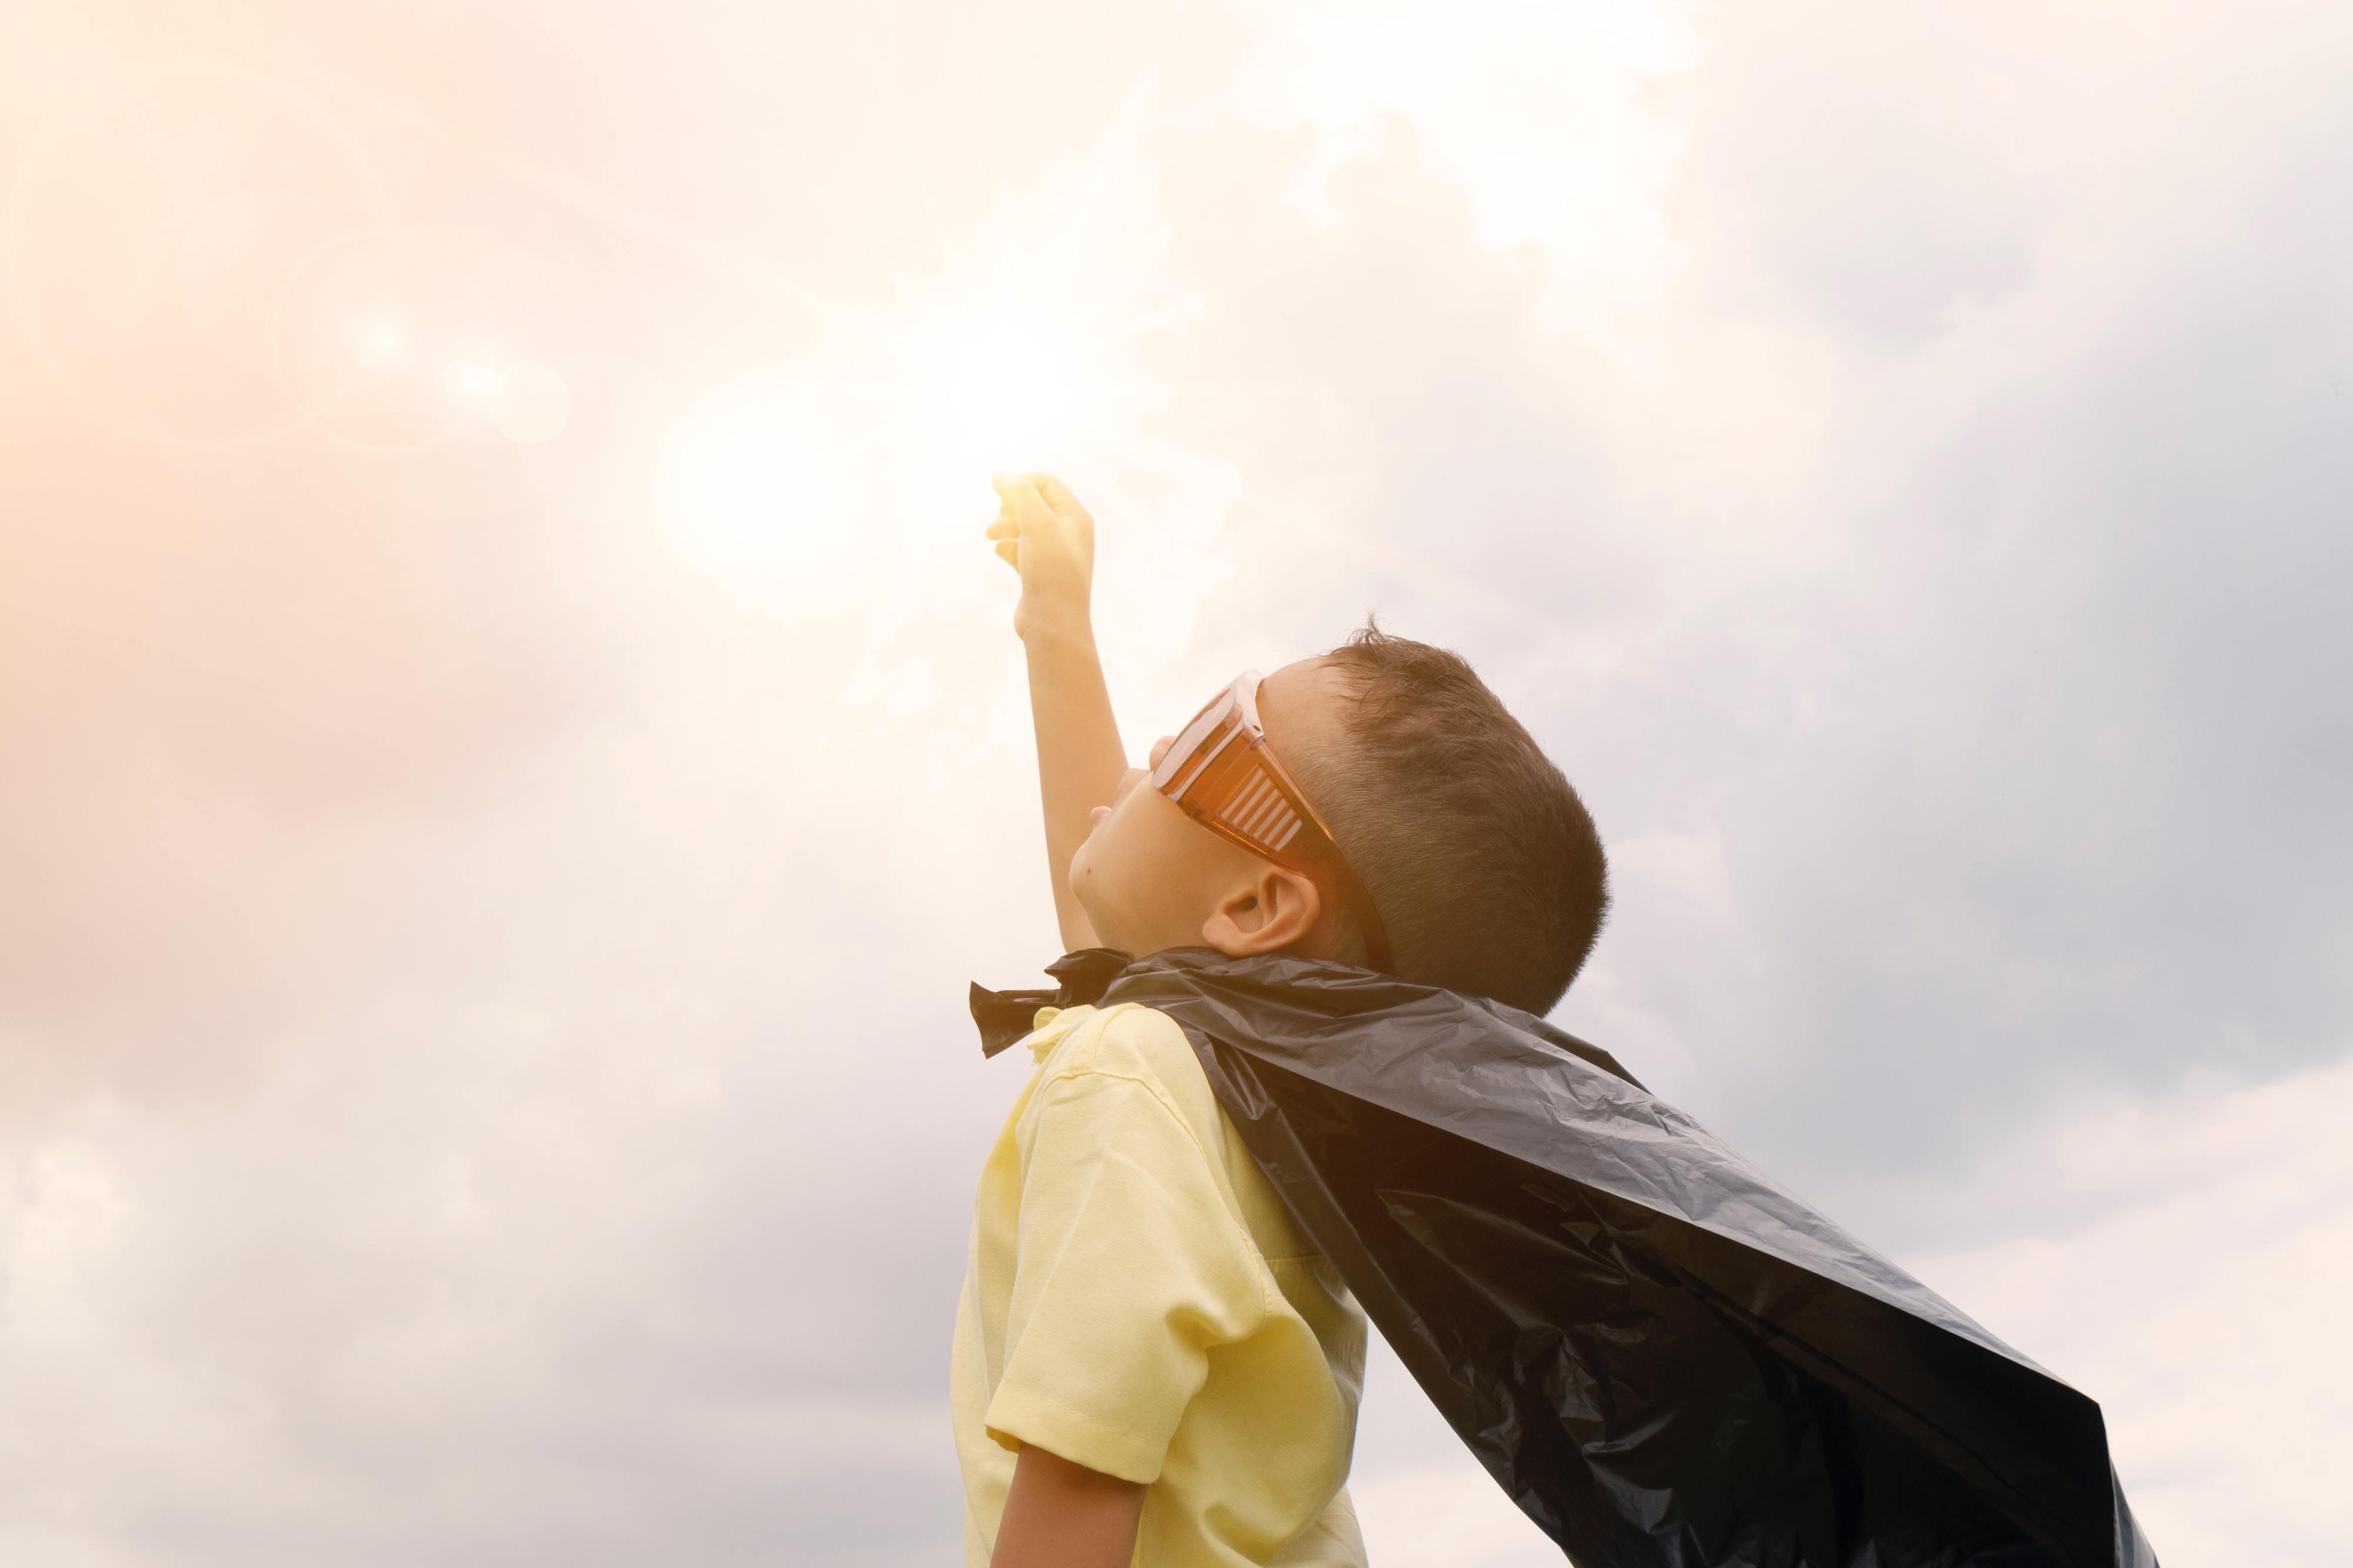 Criança espanhola com leucemia curada com novo tratamento inovador